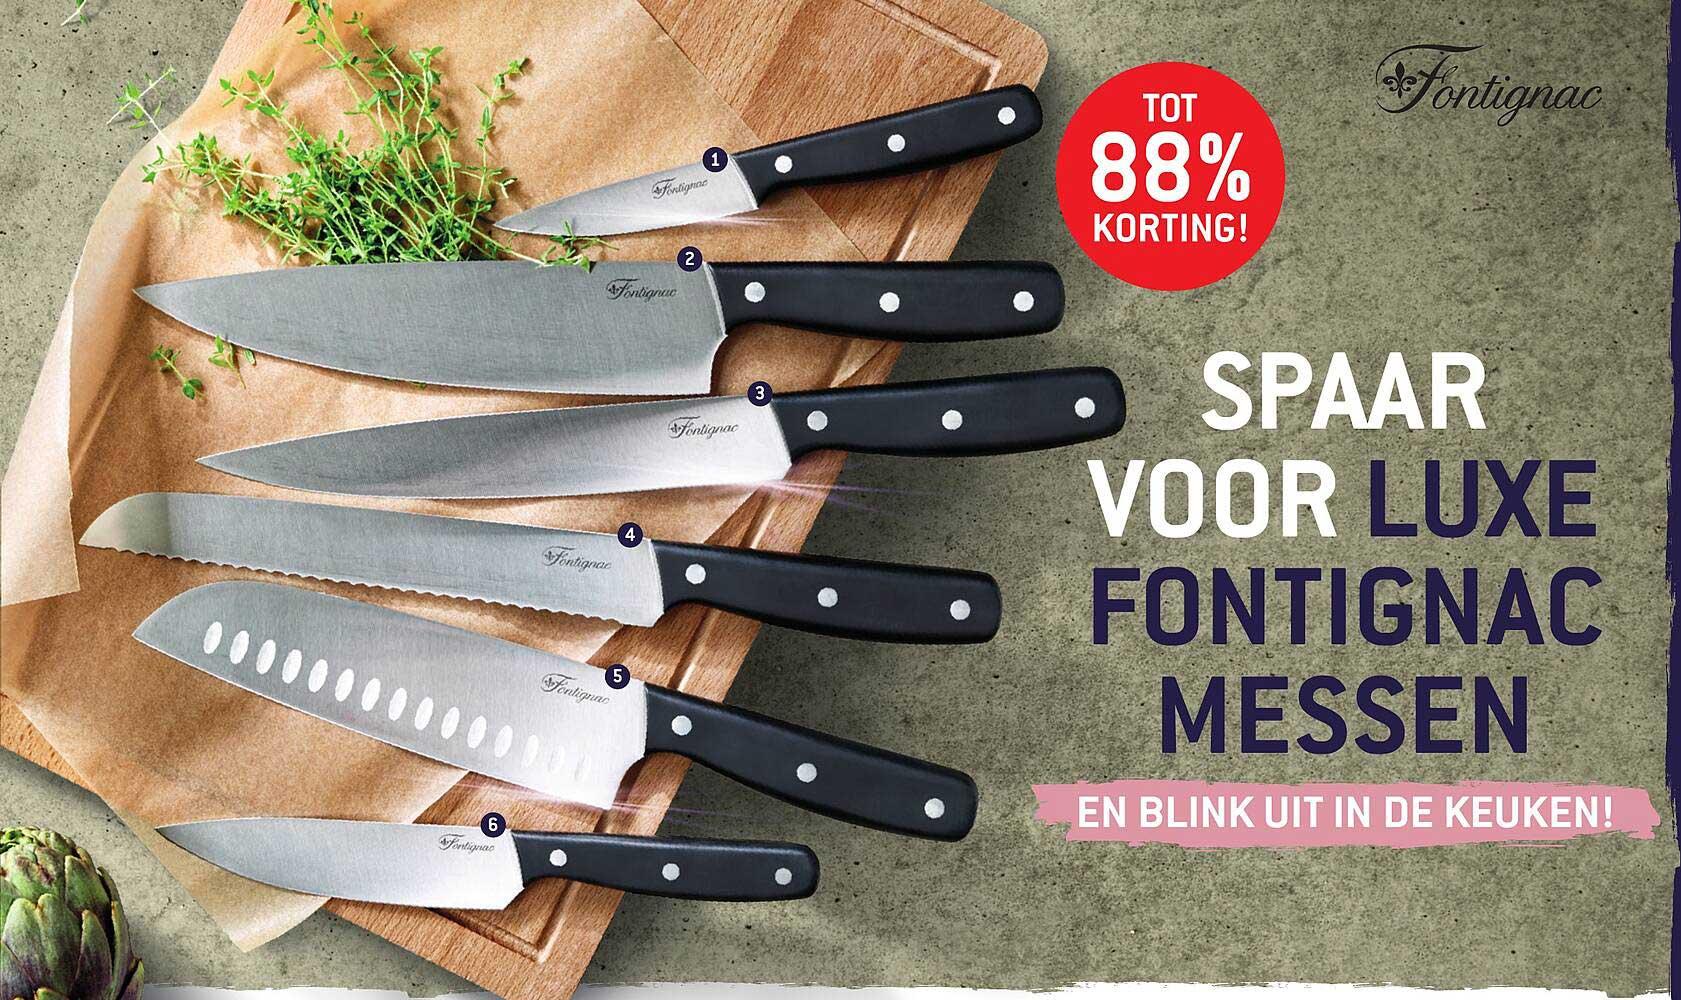 DekaMarkt Luxe Fontignac Messen Tot 88% Korting